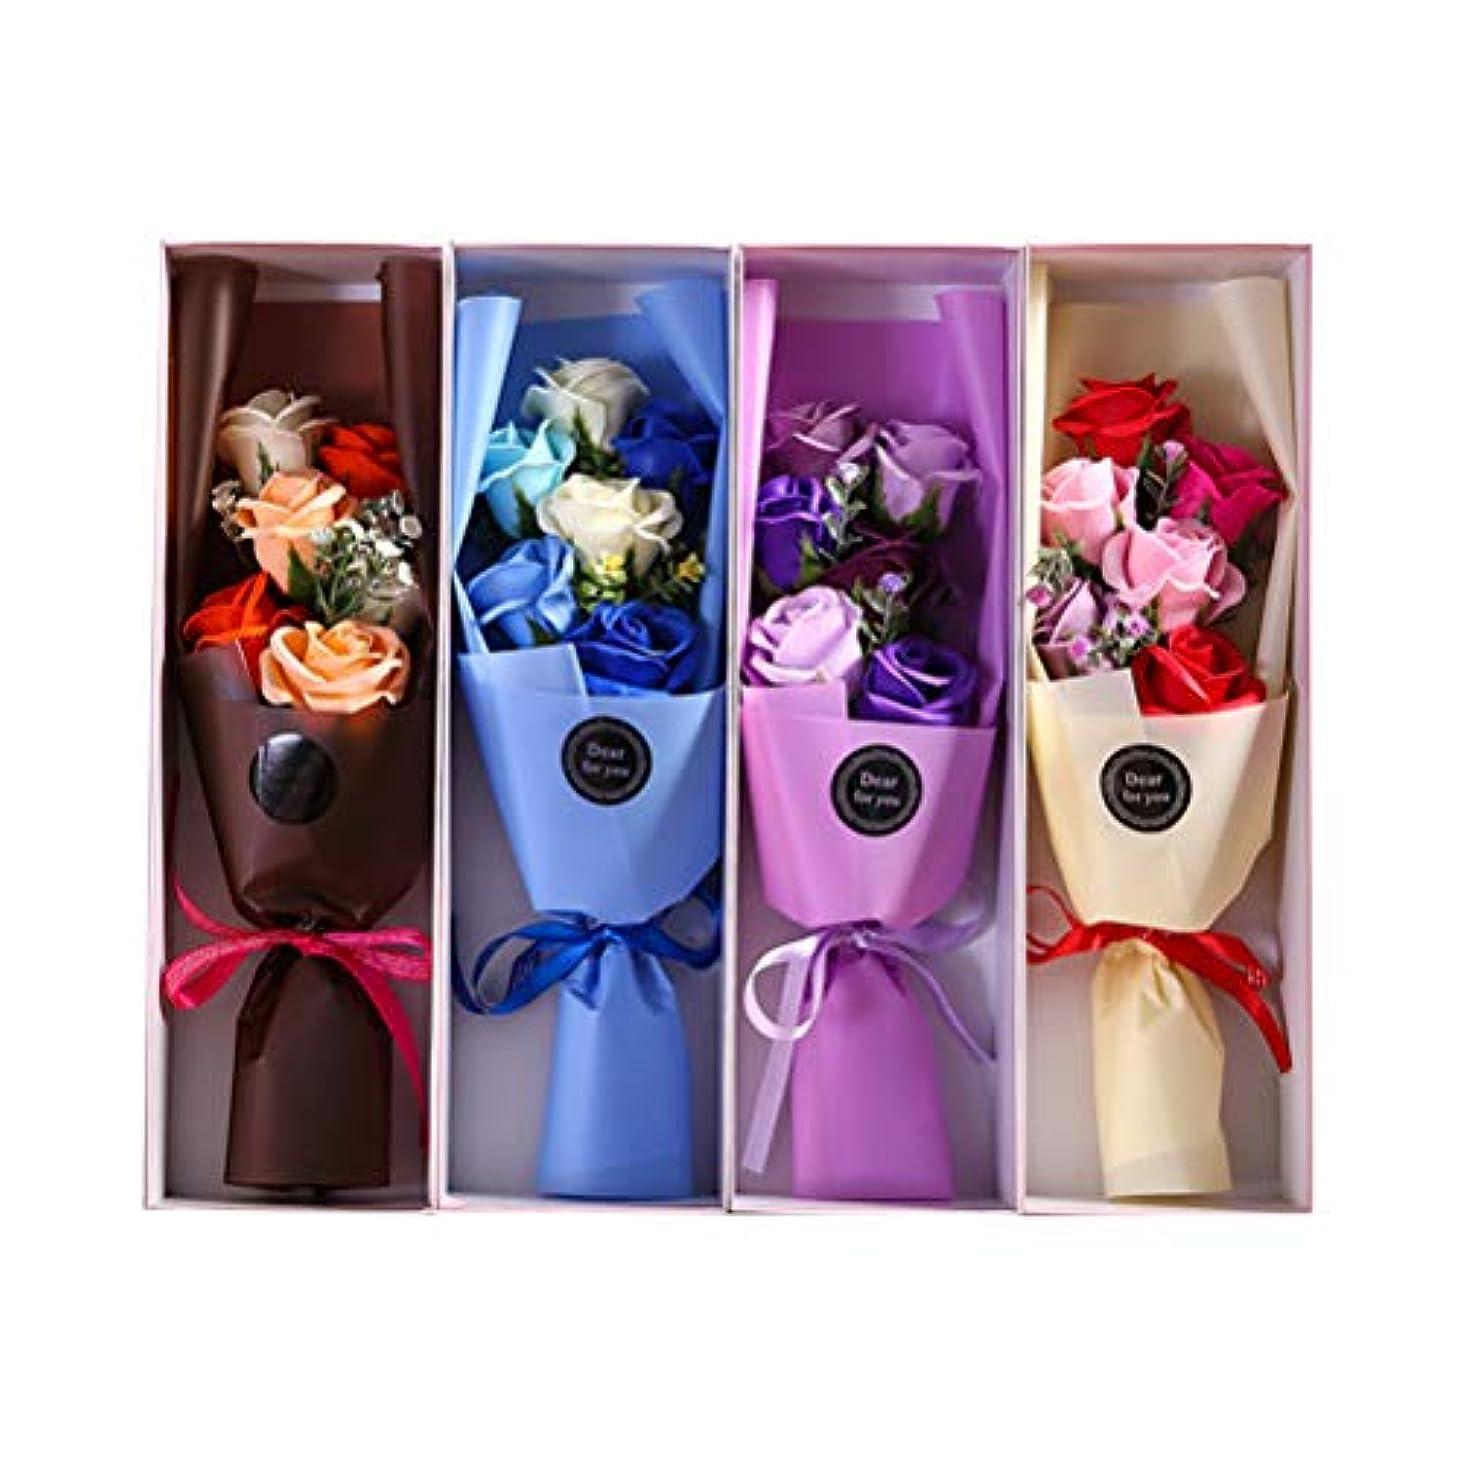 正当なグラディス官僚BESTOYARD 6PCS石鹸の花びら人工石鹸の花のバラのギフトボックスカップルバレンタインデーのプレゼント(ランダムカラー)